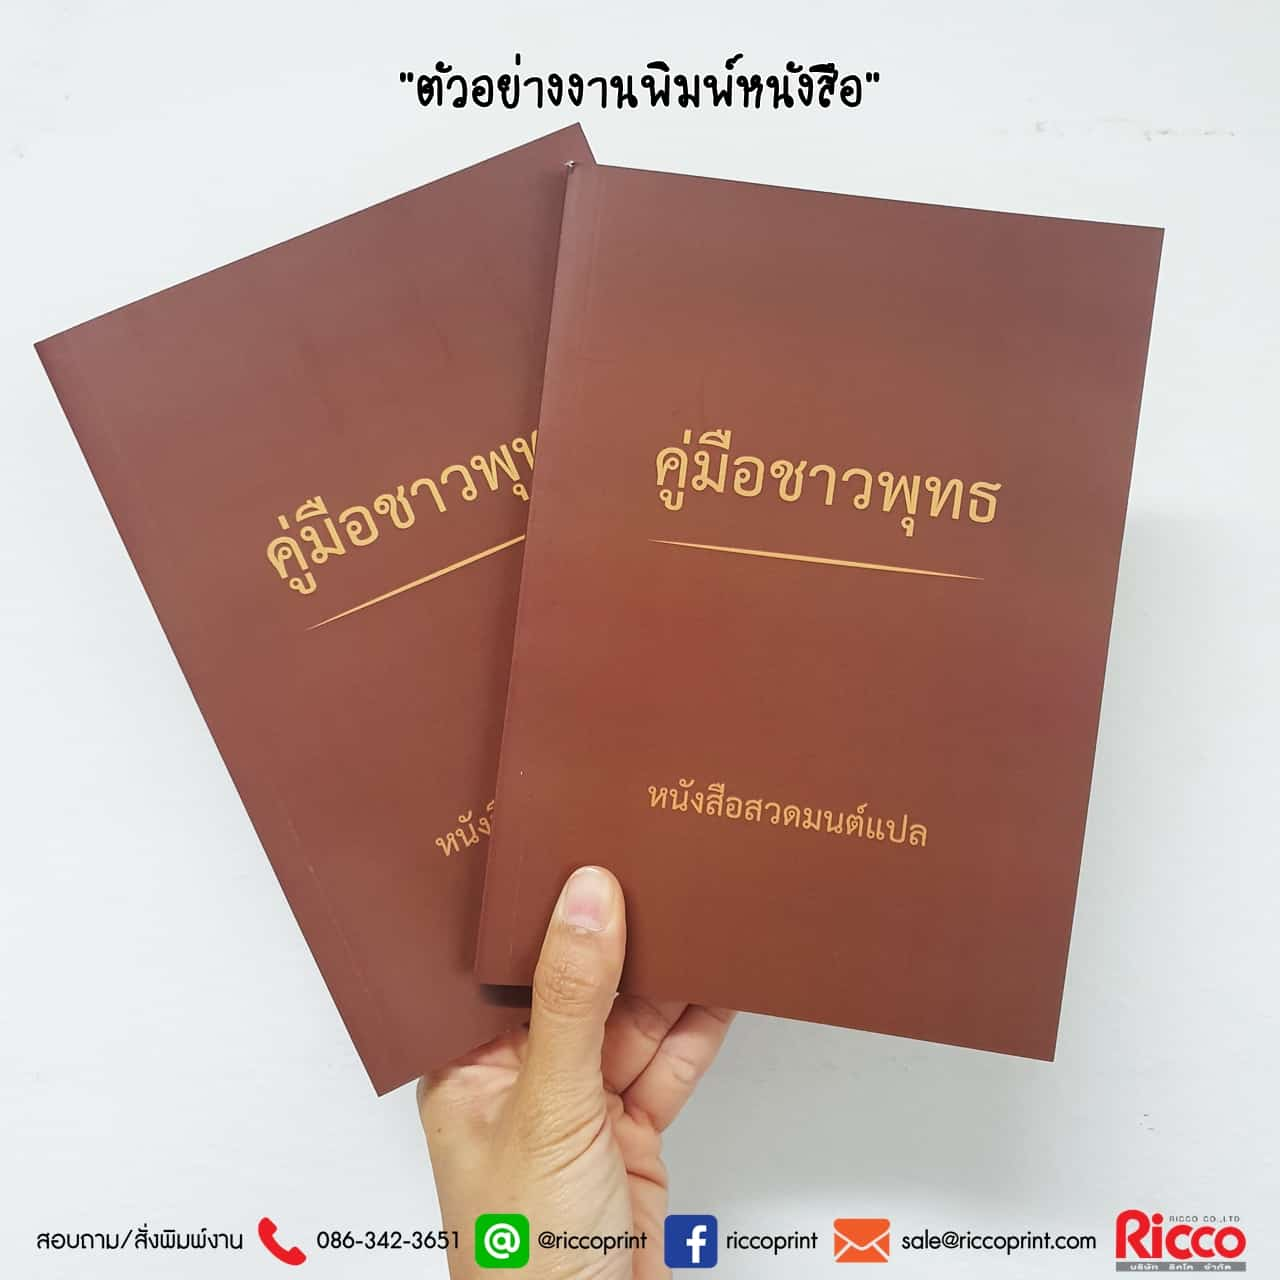 รูป Booklet 2019 14 - ประกอบเนื้อหา หนังสือ คู่มือ Booklet